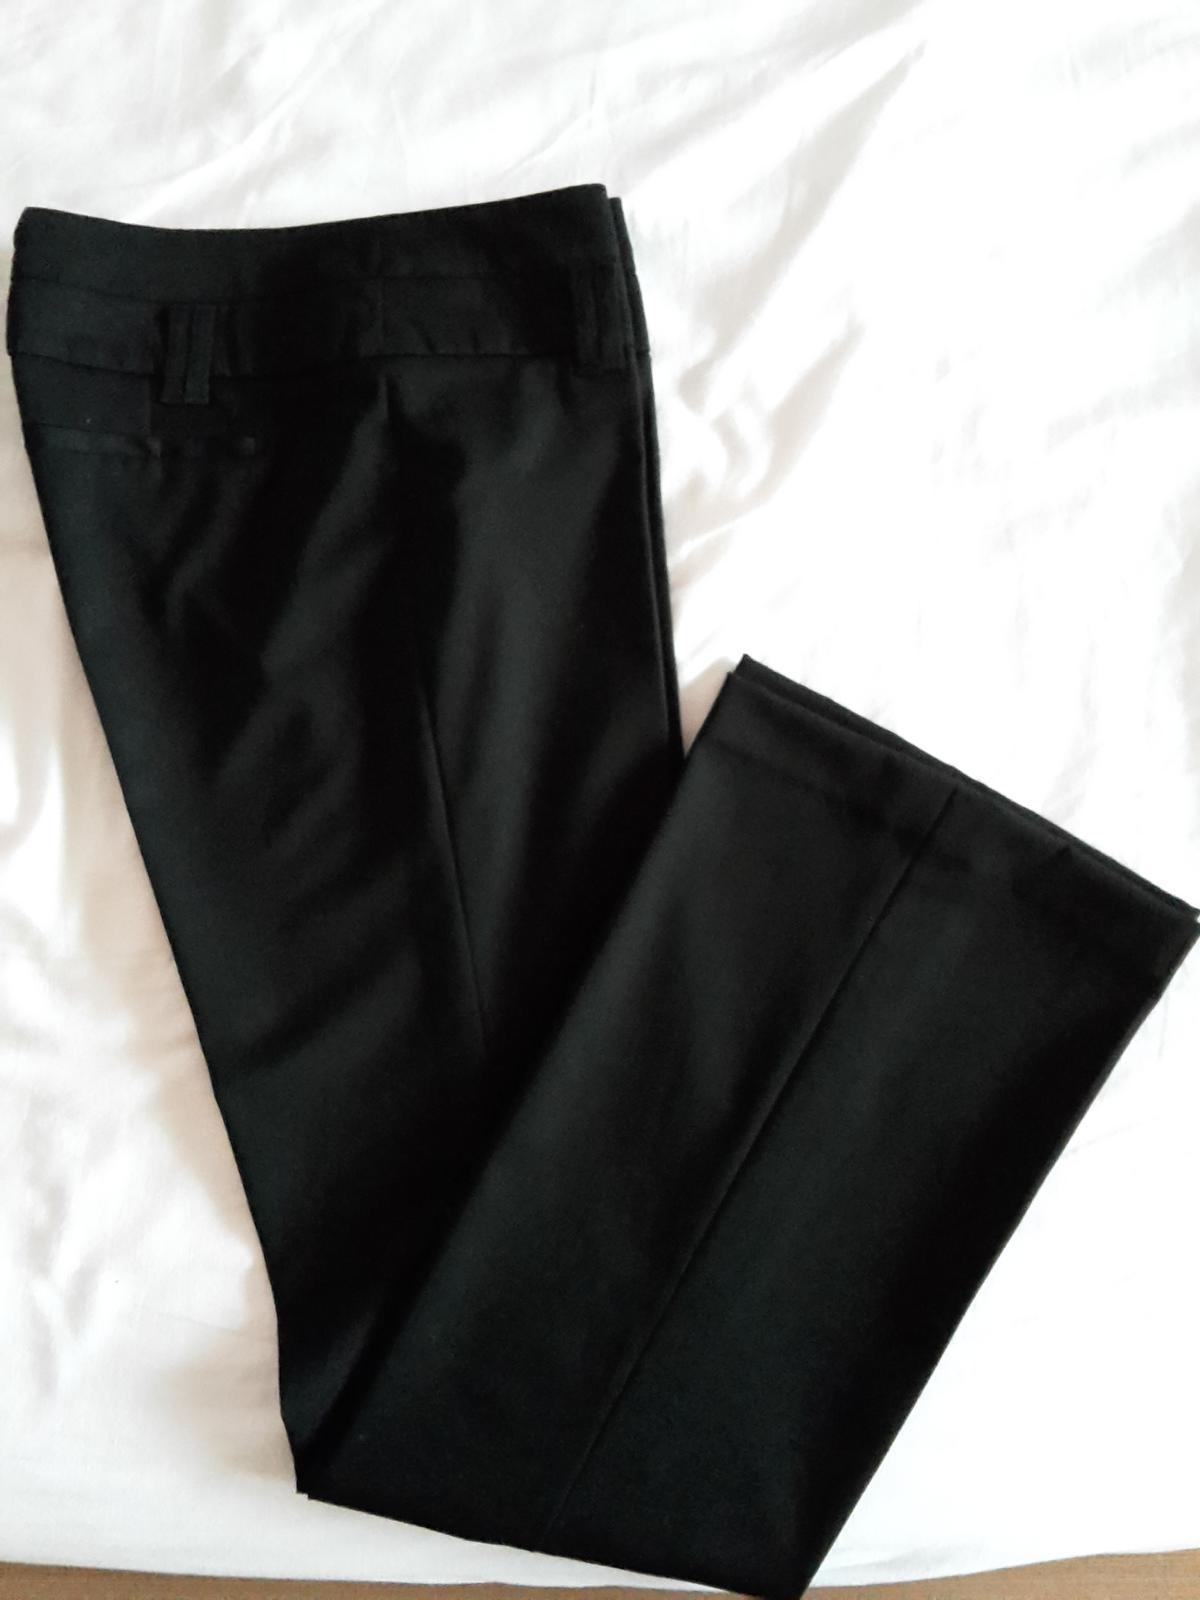 klasicke spolocenkse nohavice Koton, nenosene - Obrázok č. 1